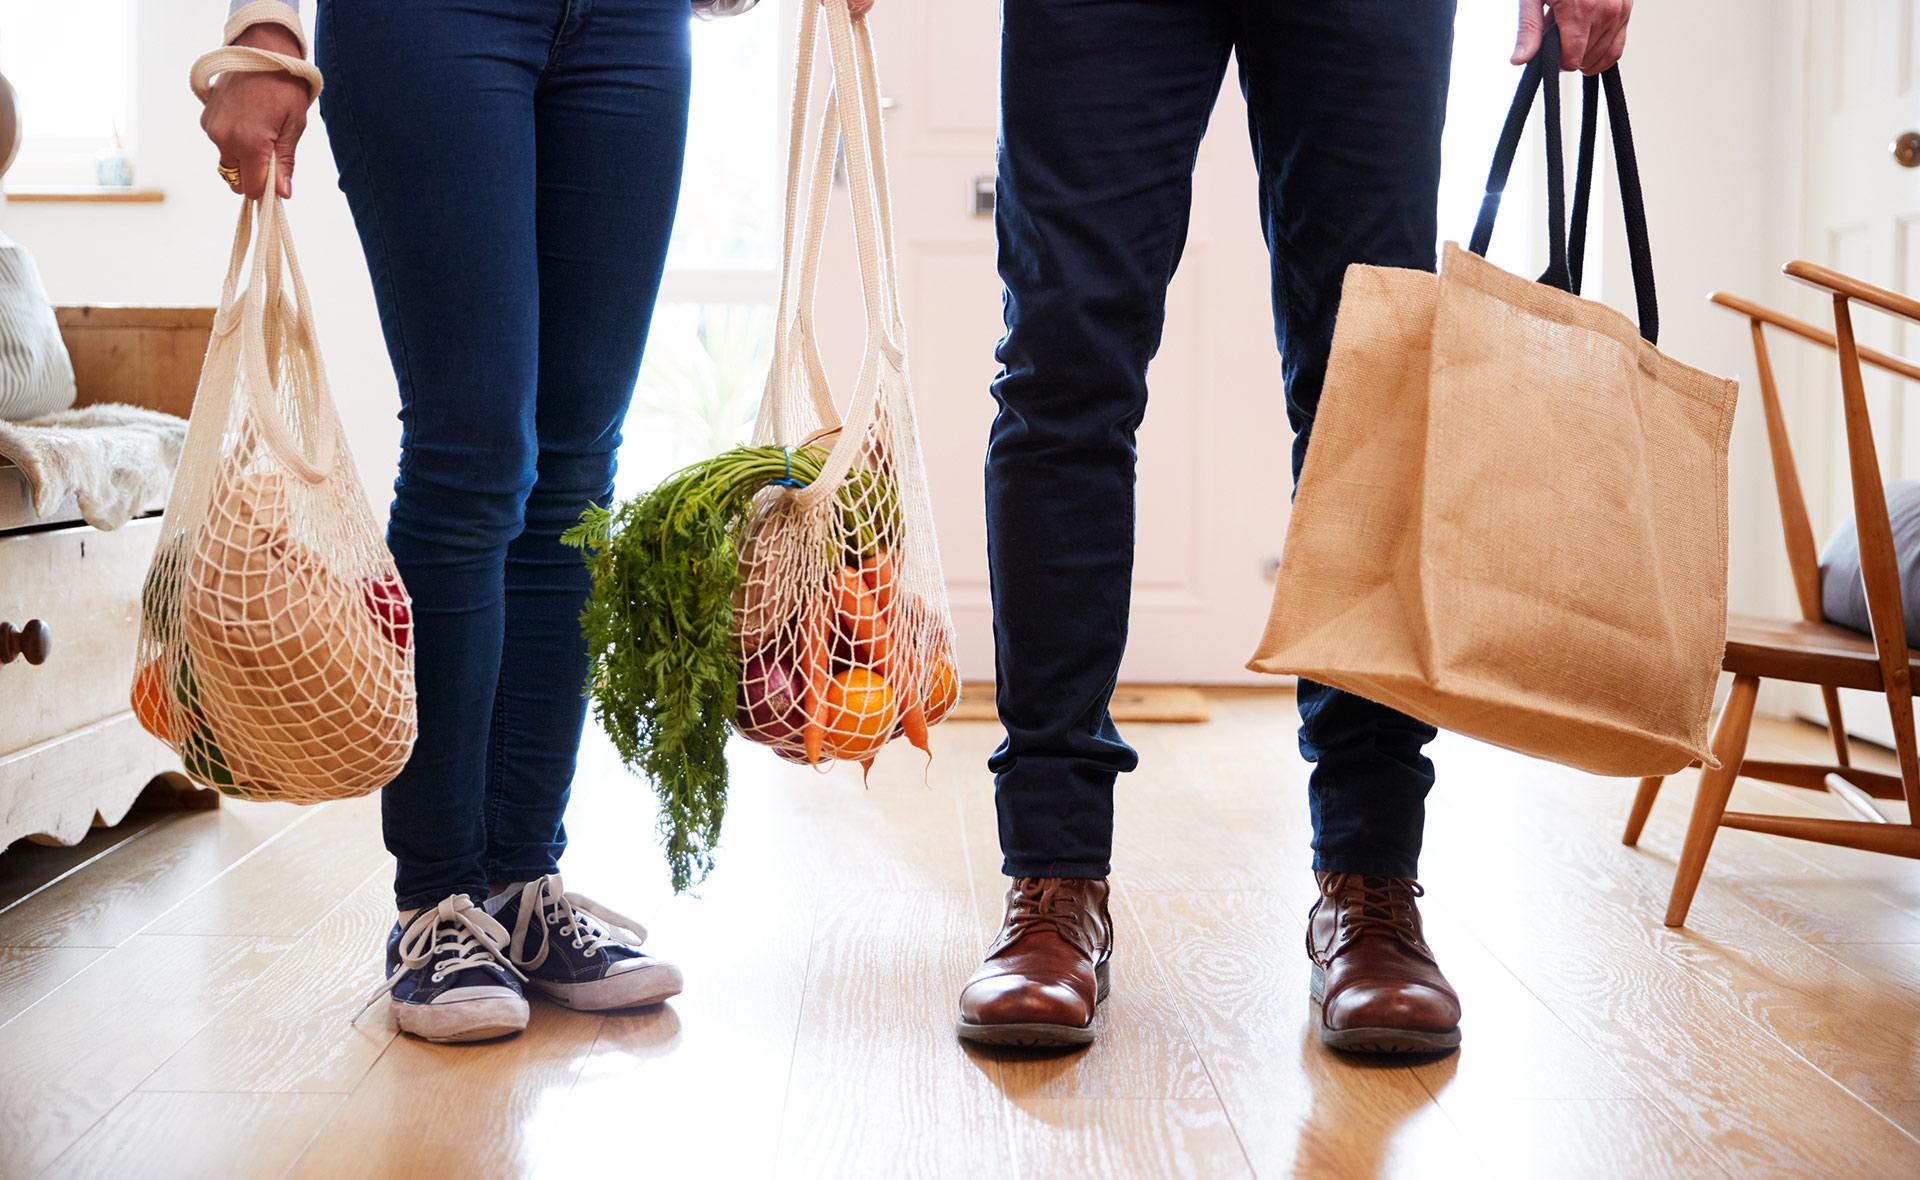 BBVA-residuo-cero-'zero waste-sostenibilidad-reciclarje-apertura-alimentos-compras